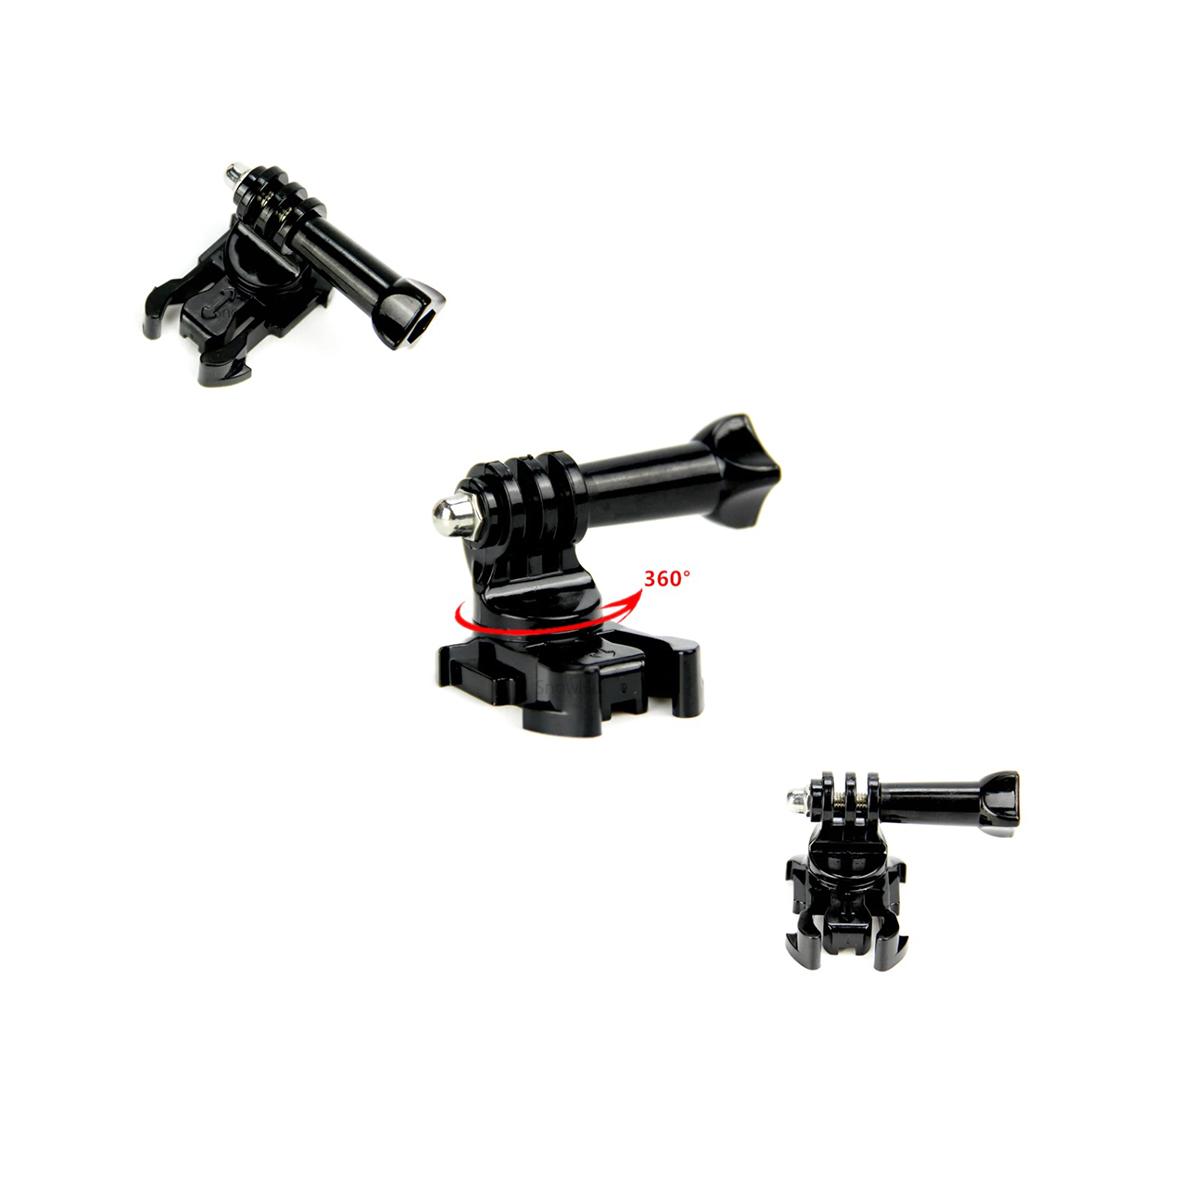 Suporte Engate Rápido Quick Release 360 Graus Câmeras GoPro e Similares